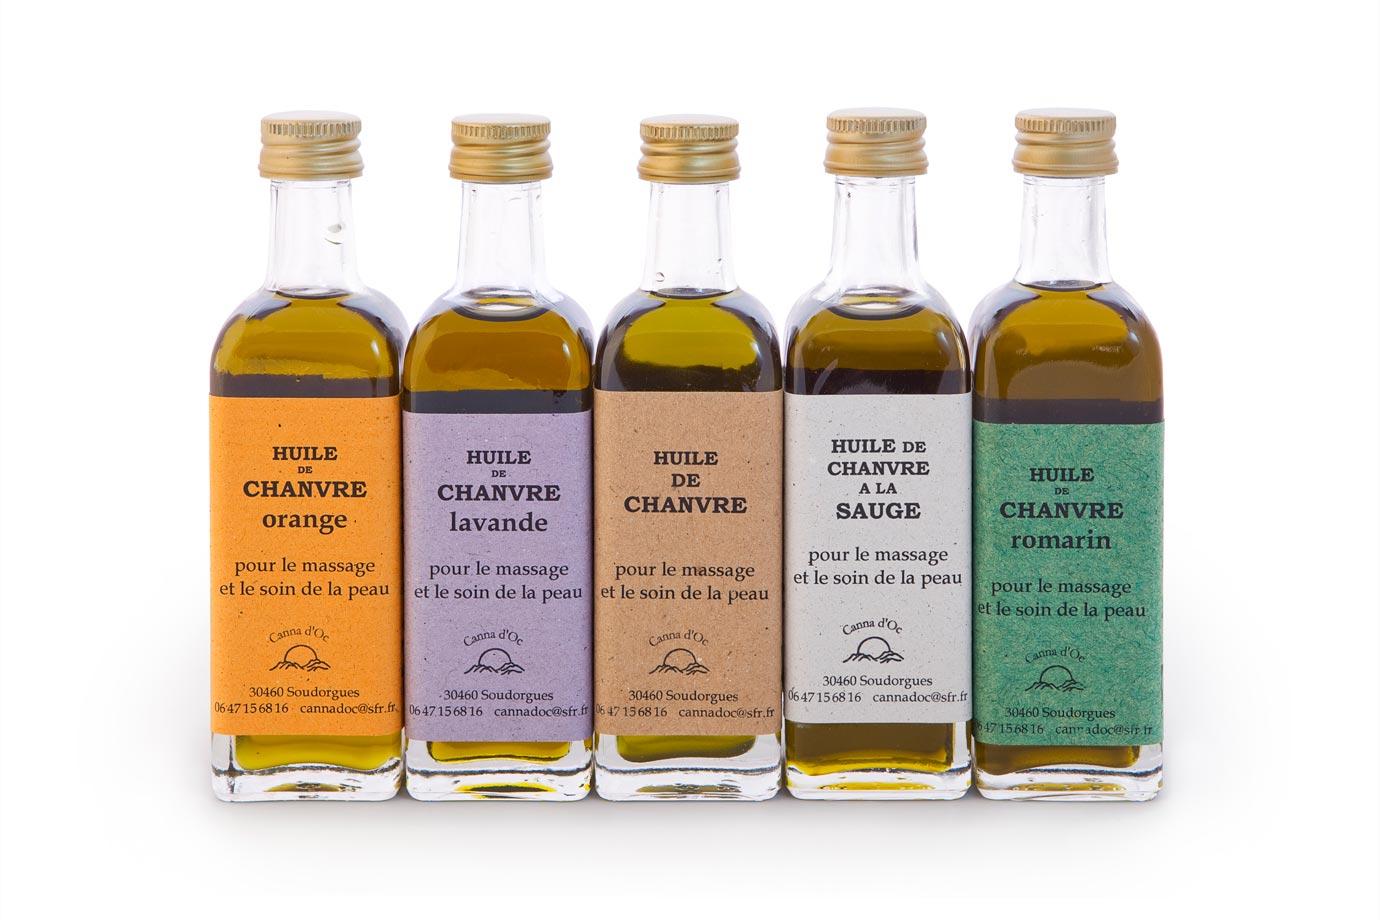 Huile de chanvre nature ou avec adjonction d'huile essentielles.